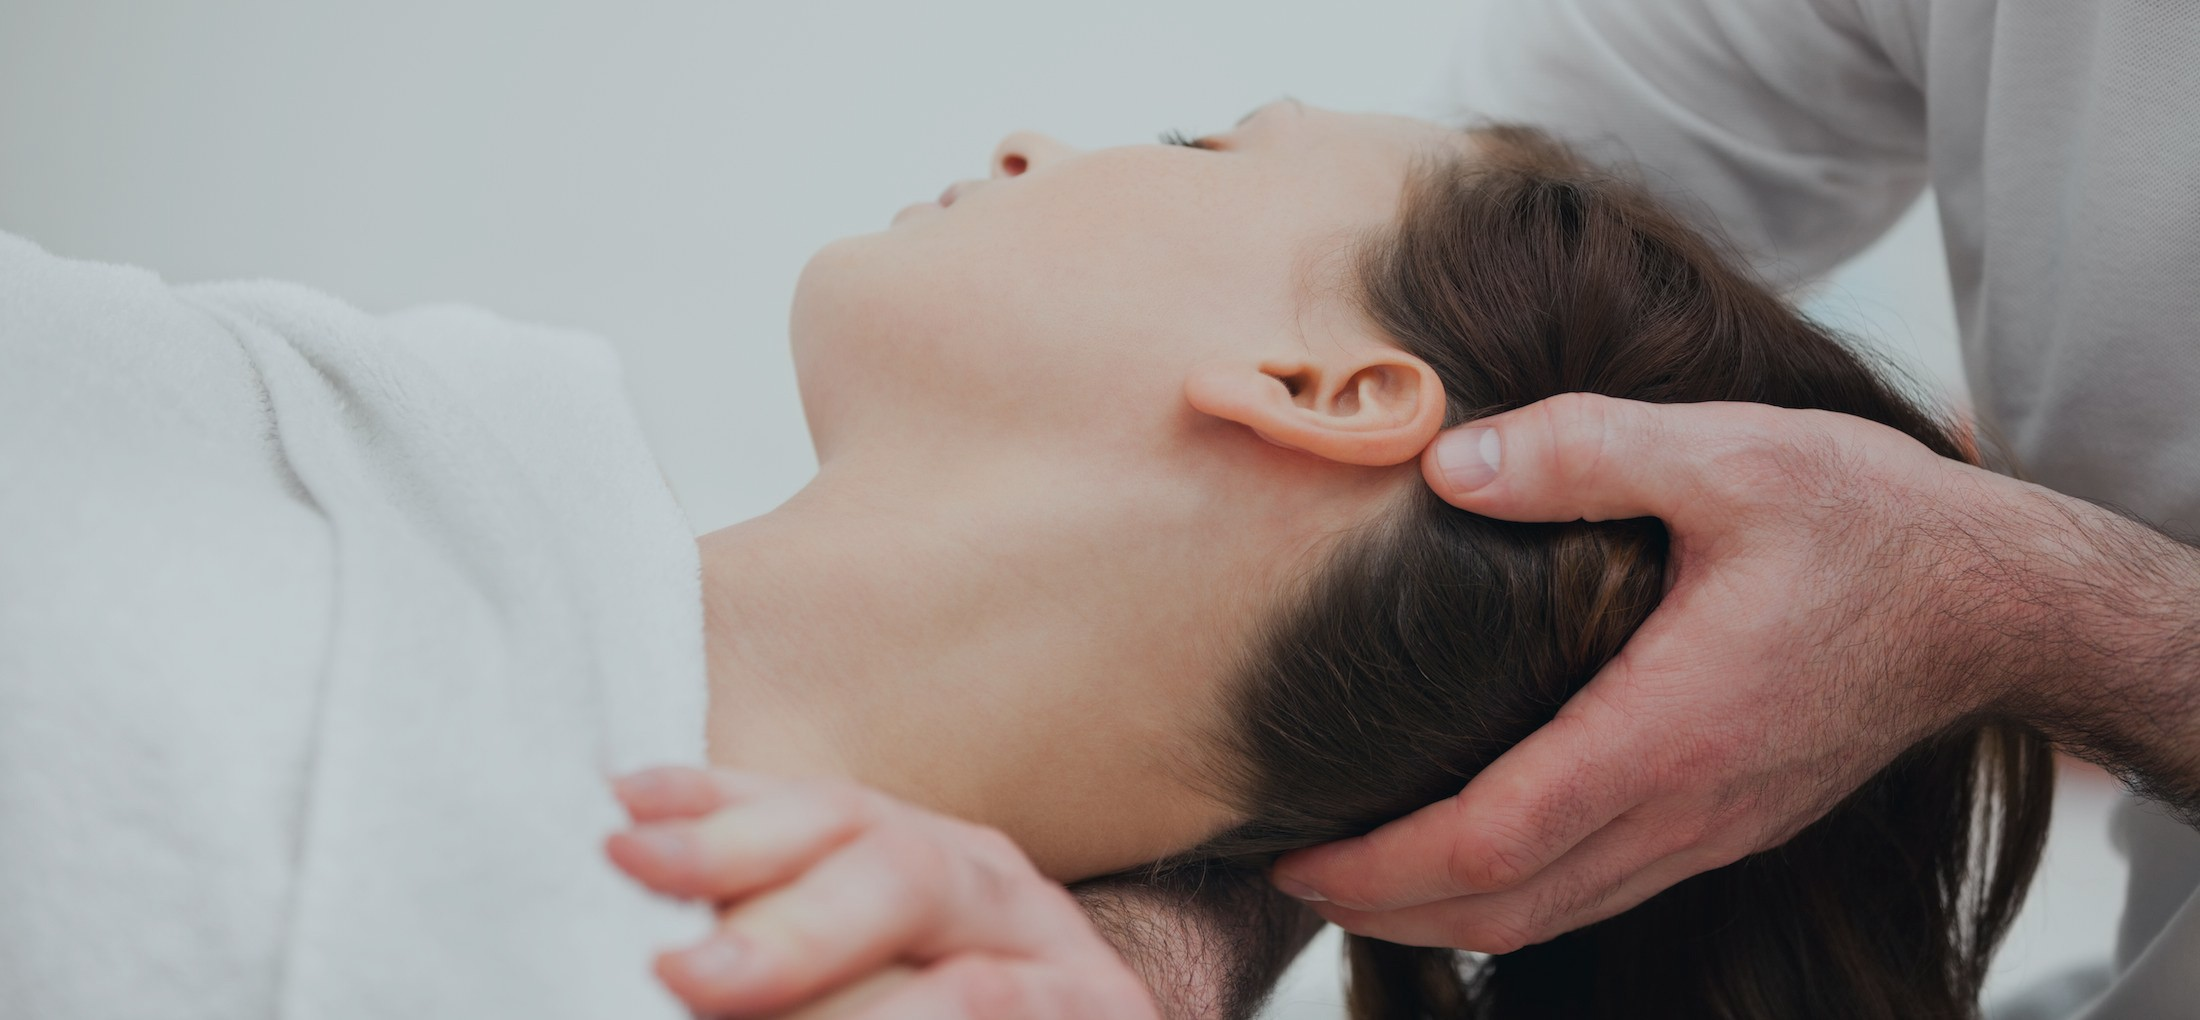 Craniosacral and bowen thrapy - Balance Complimentary Medicine